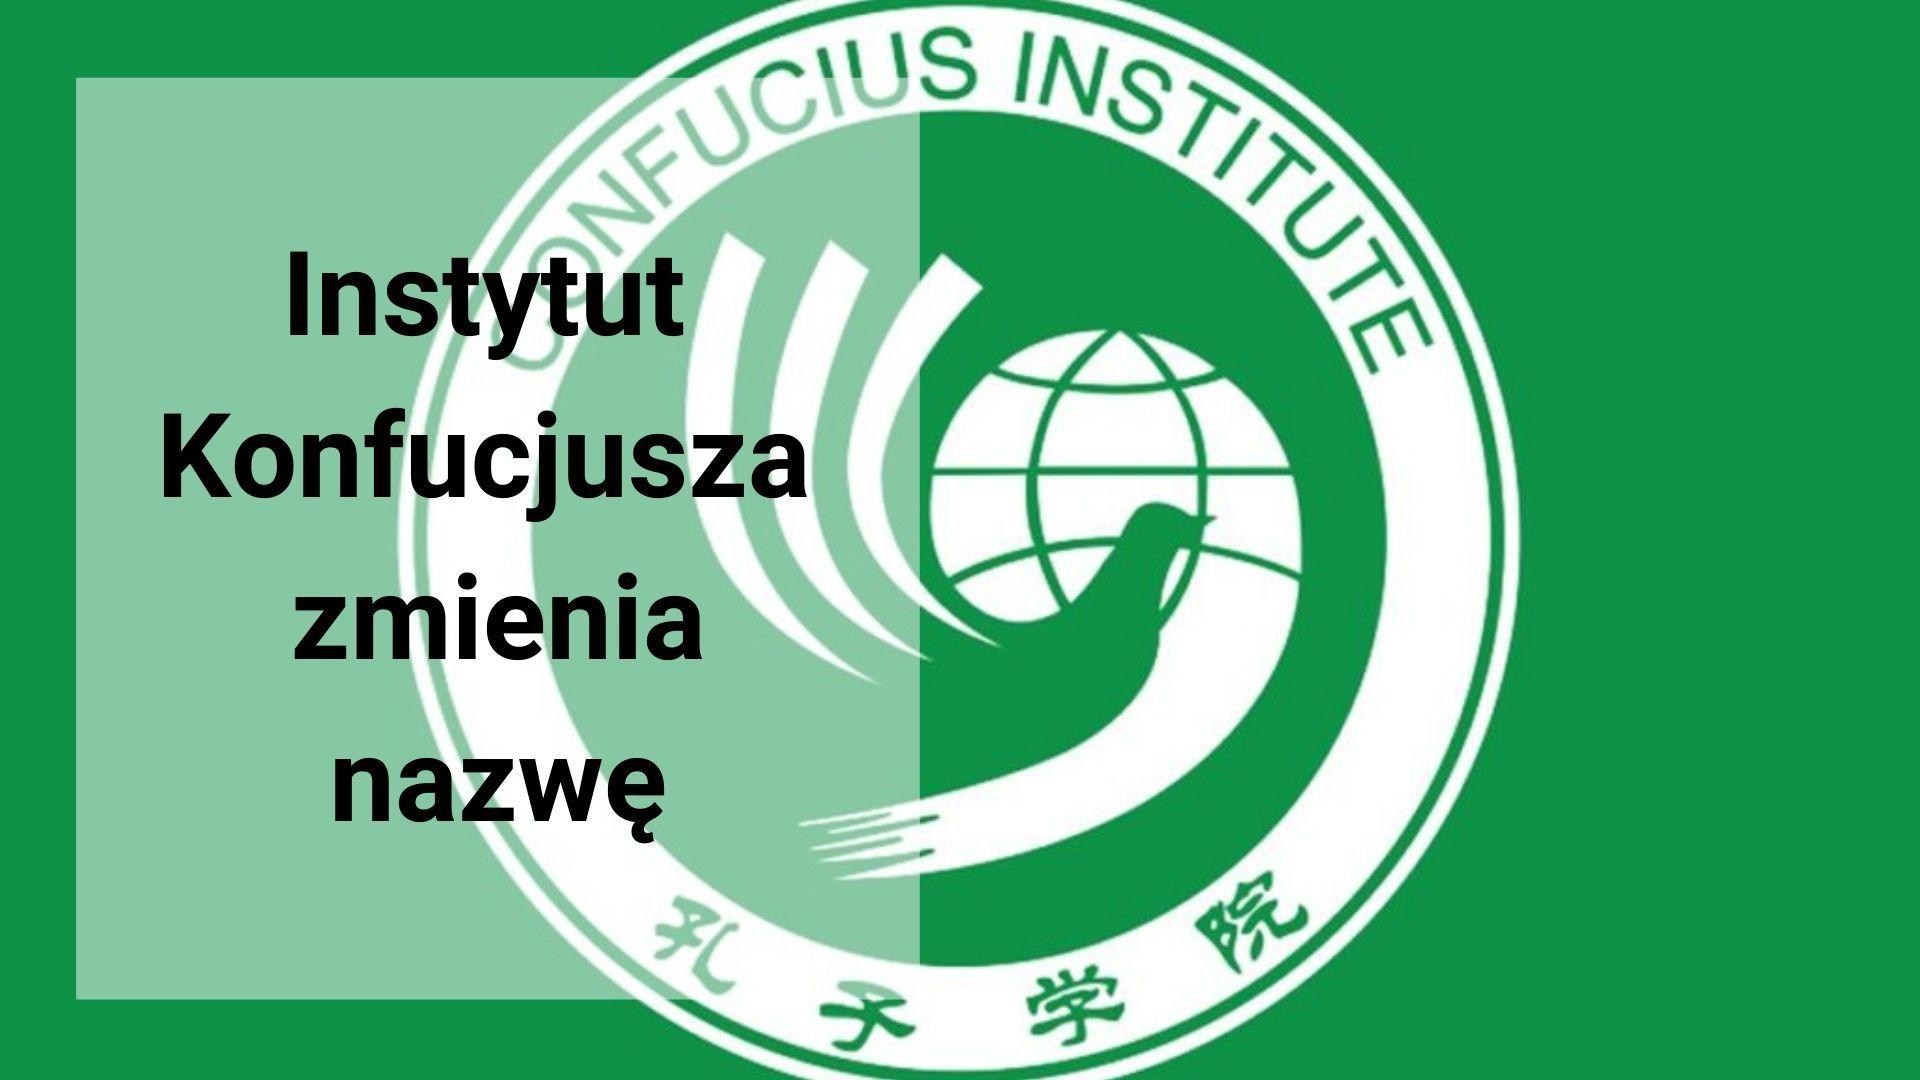 Instytut Konfucjusza zmienia nazwę